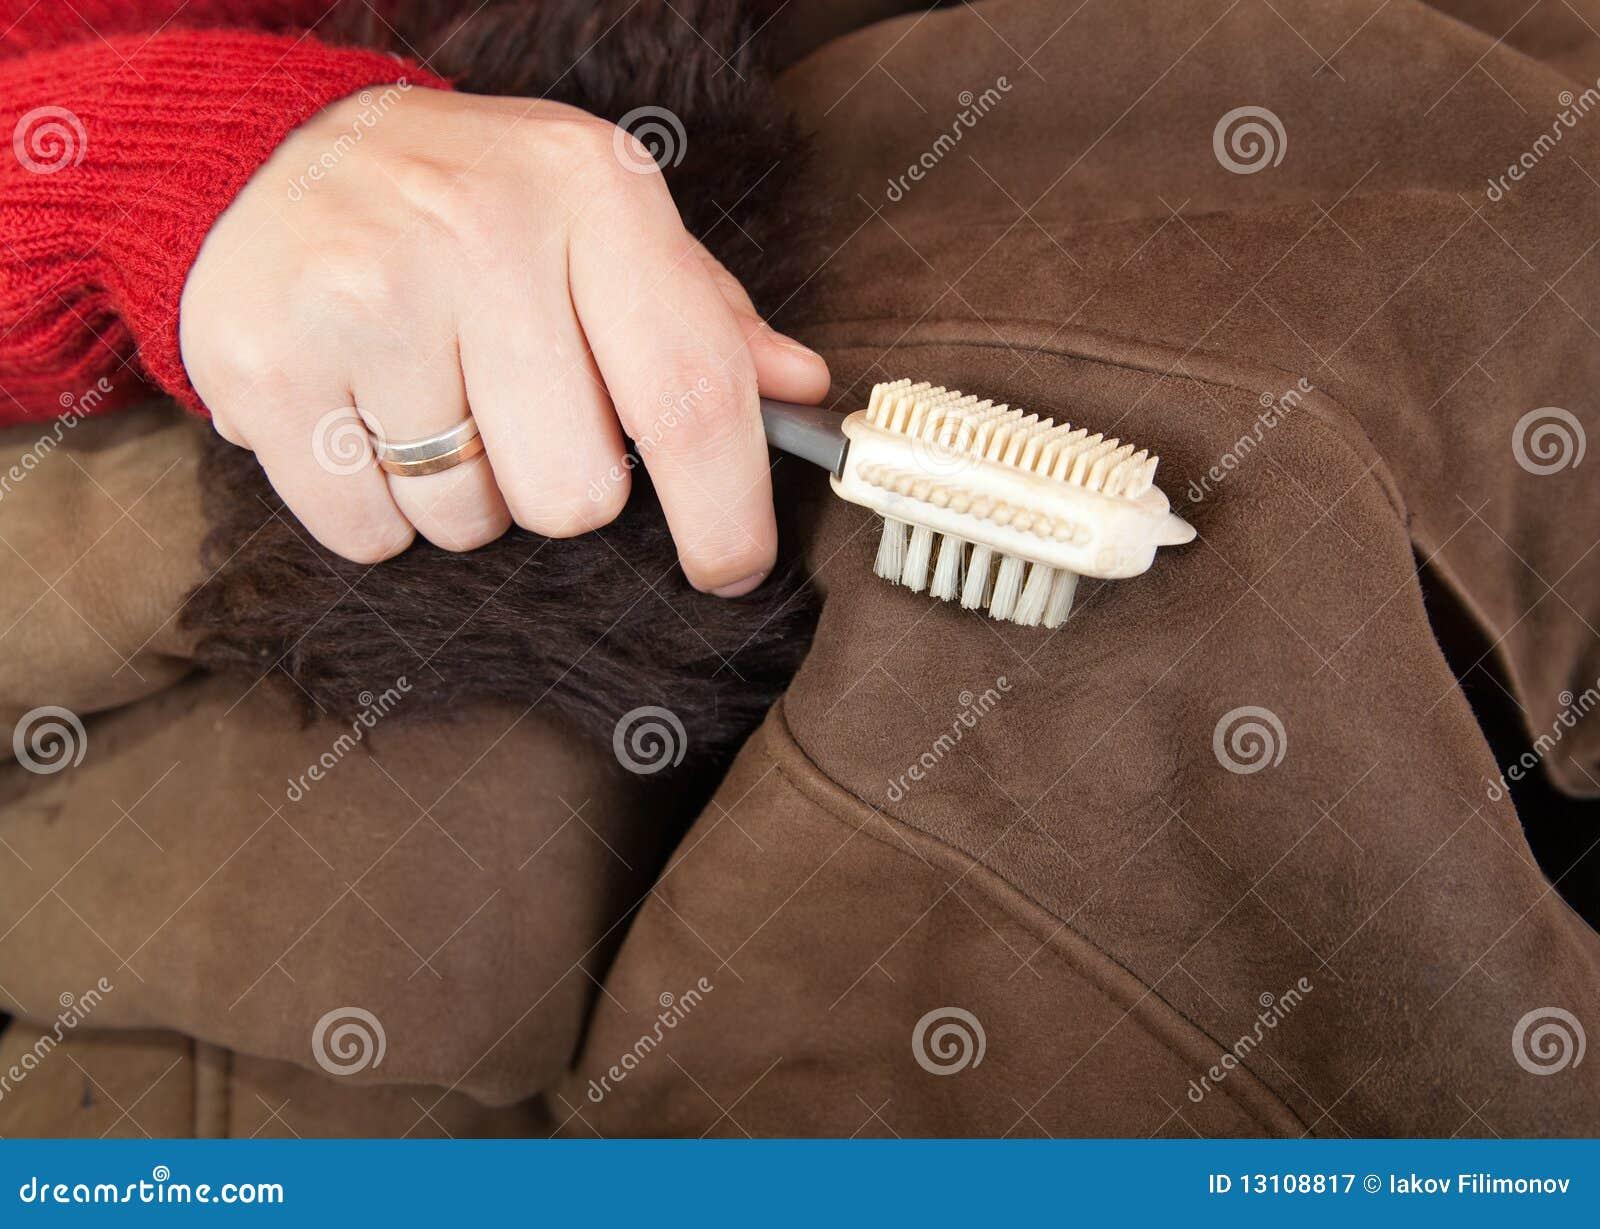 Как почистить белый мех в домашних условиях от грязи